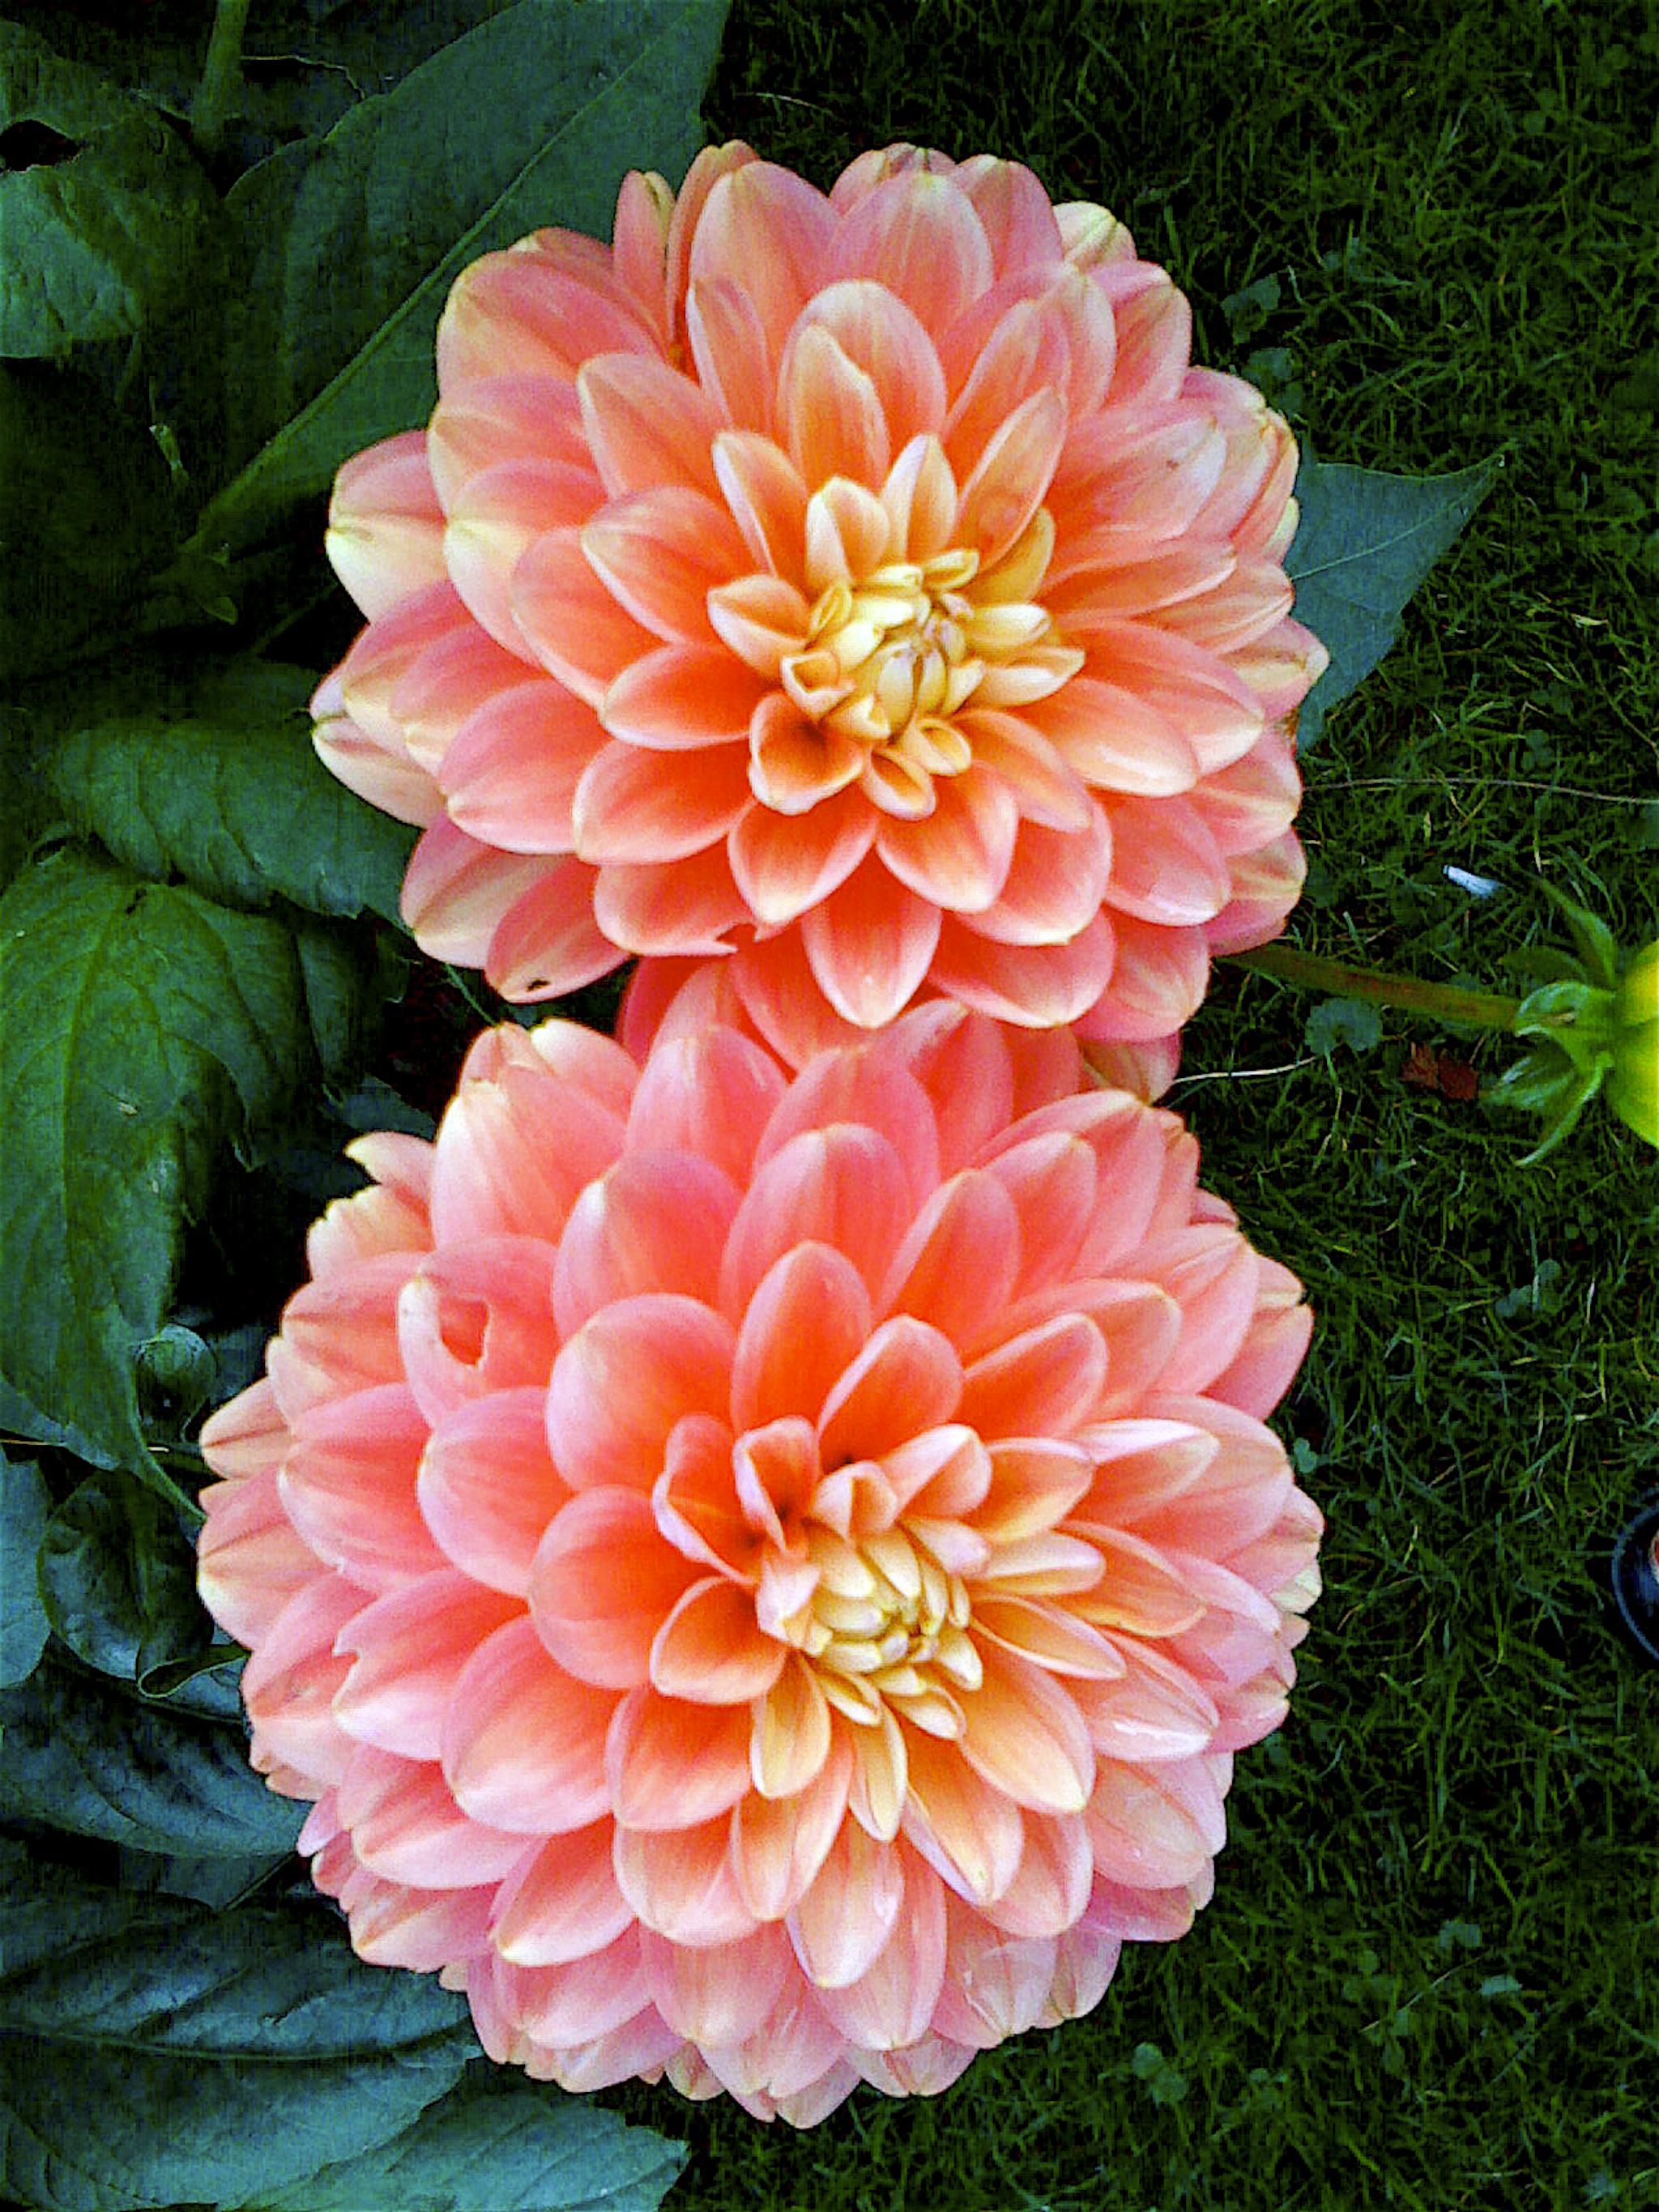 NE_Flowers_037.jpg